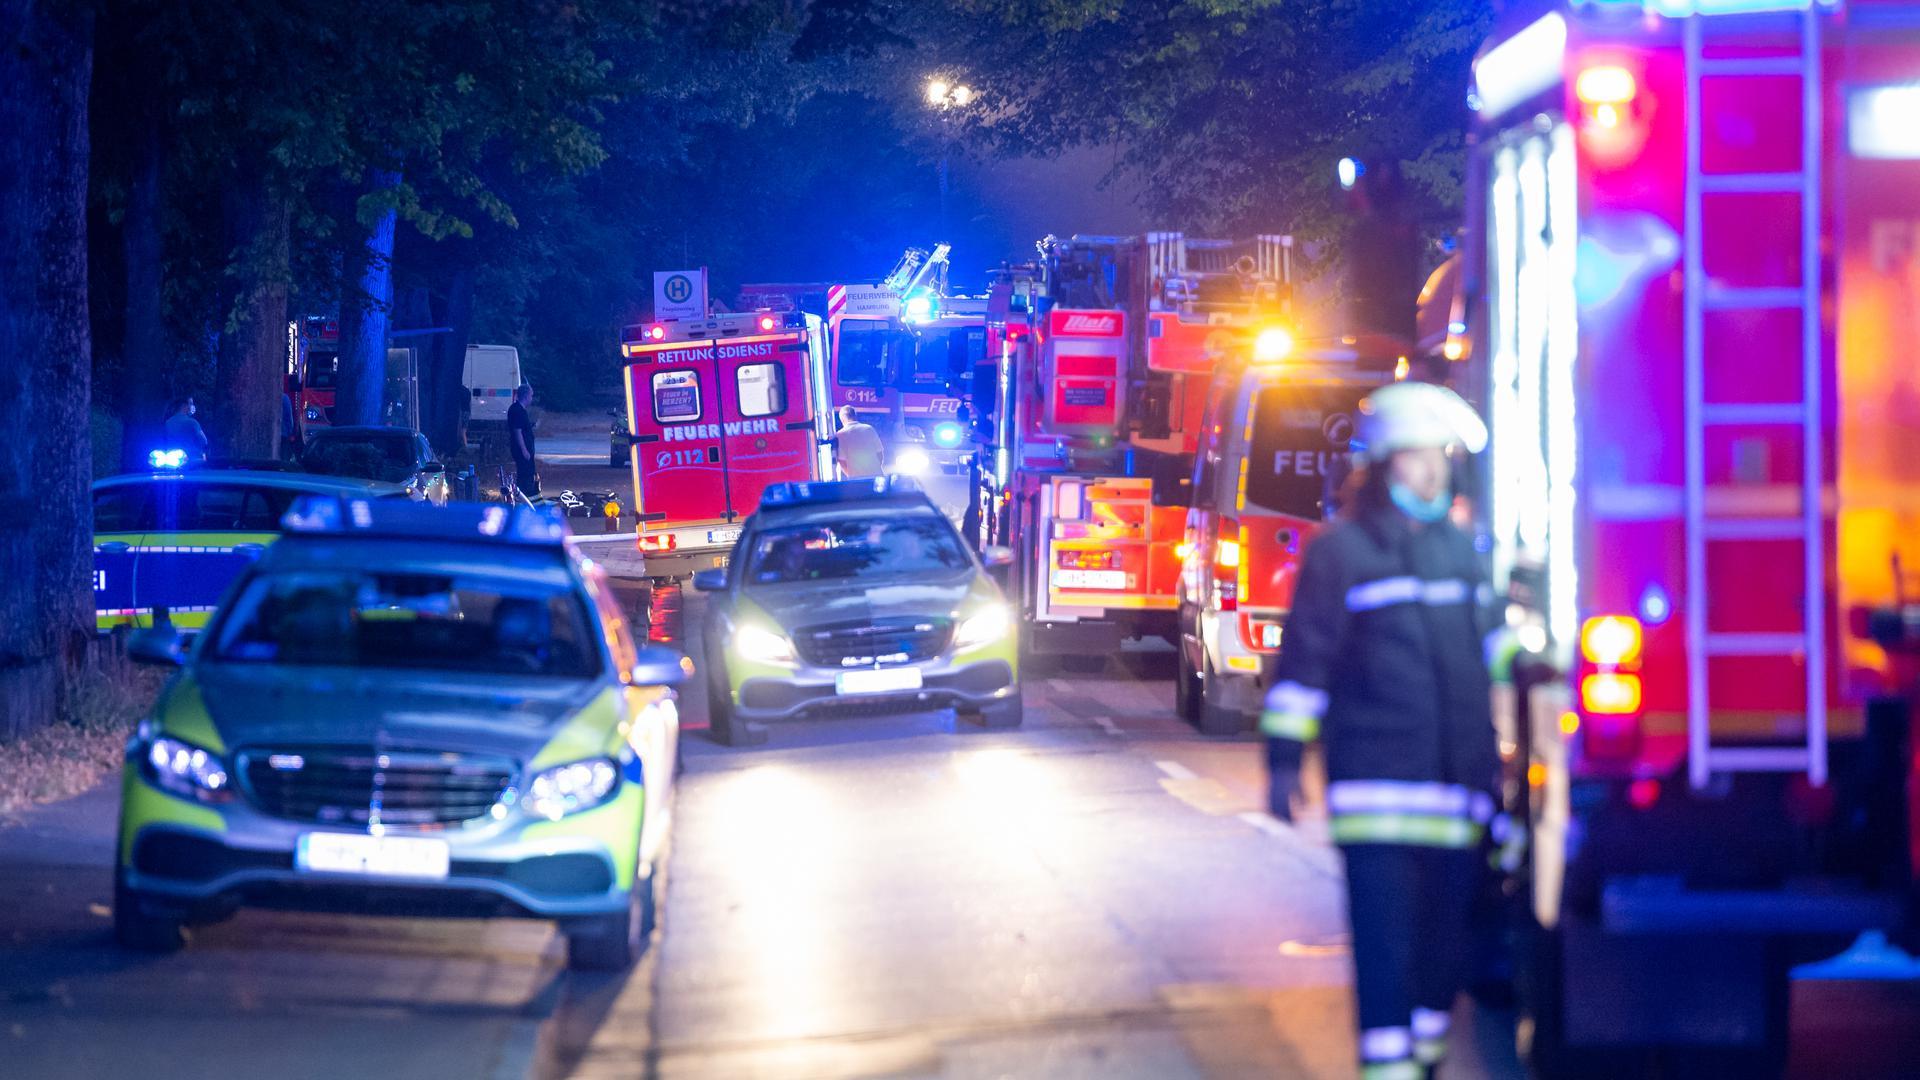 Einsatzfahrzeuge von Feuerwehr, Rettungsdienst und Polizei stehen mit Blaulicht am Einsatzort.